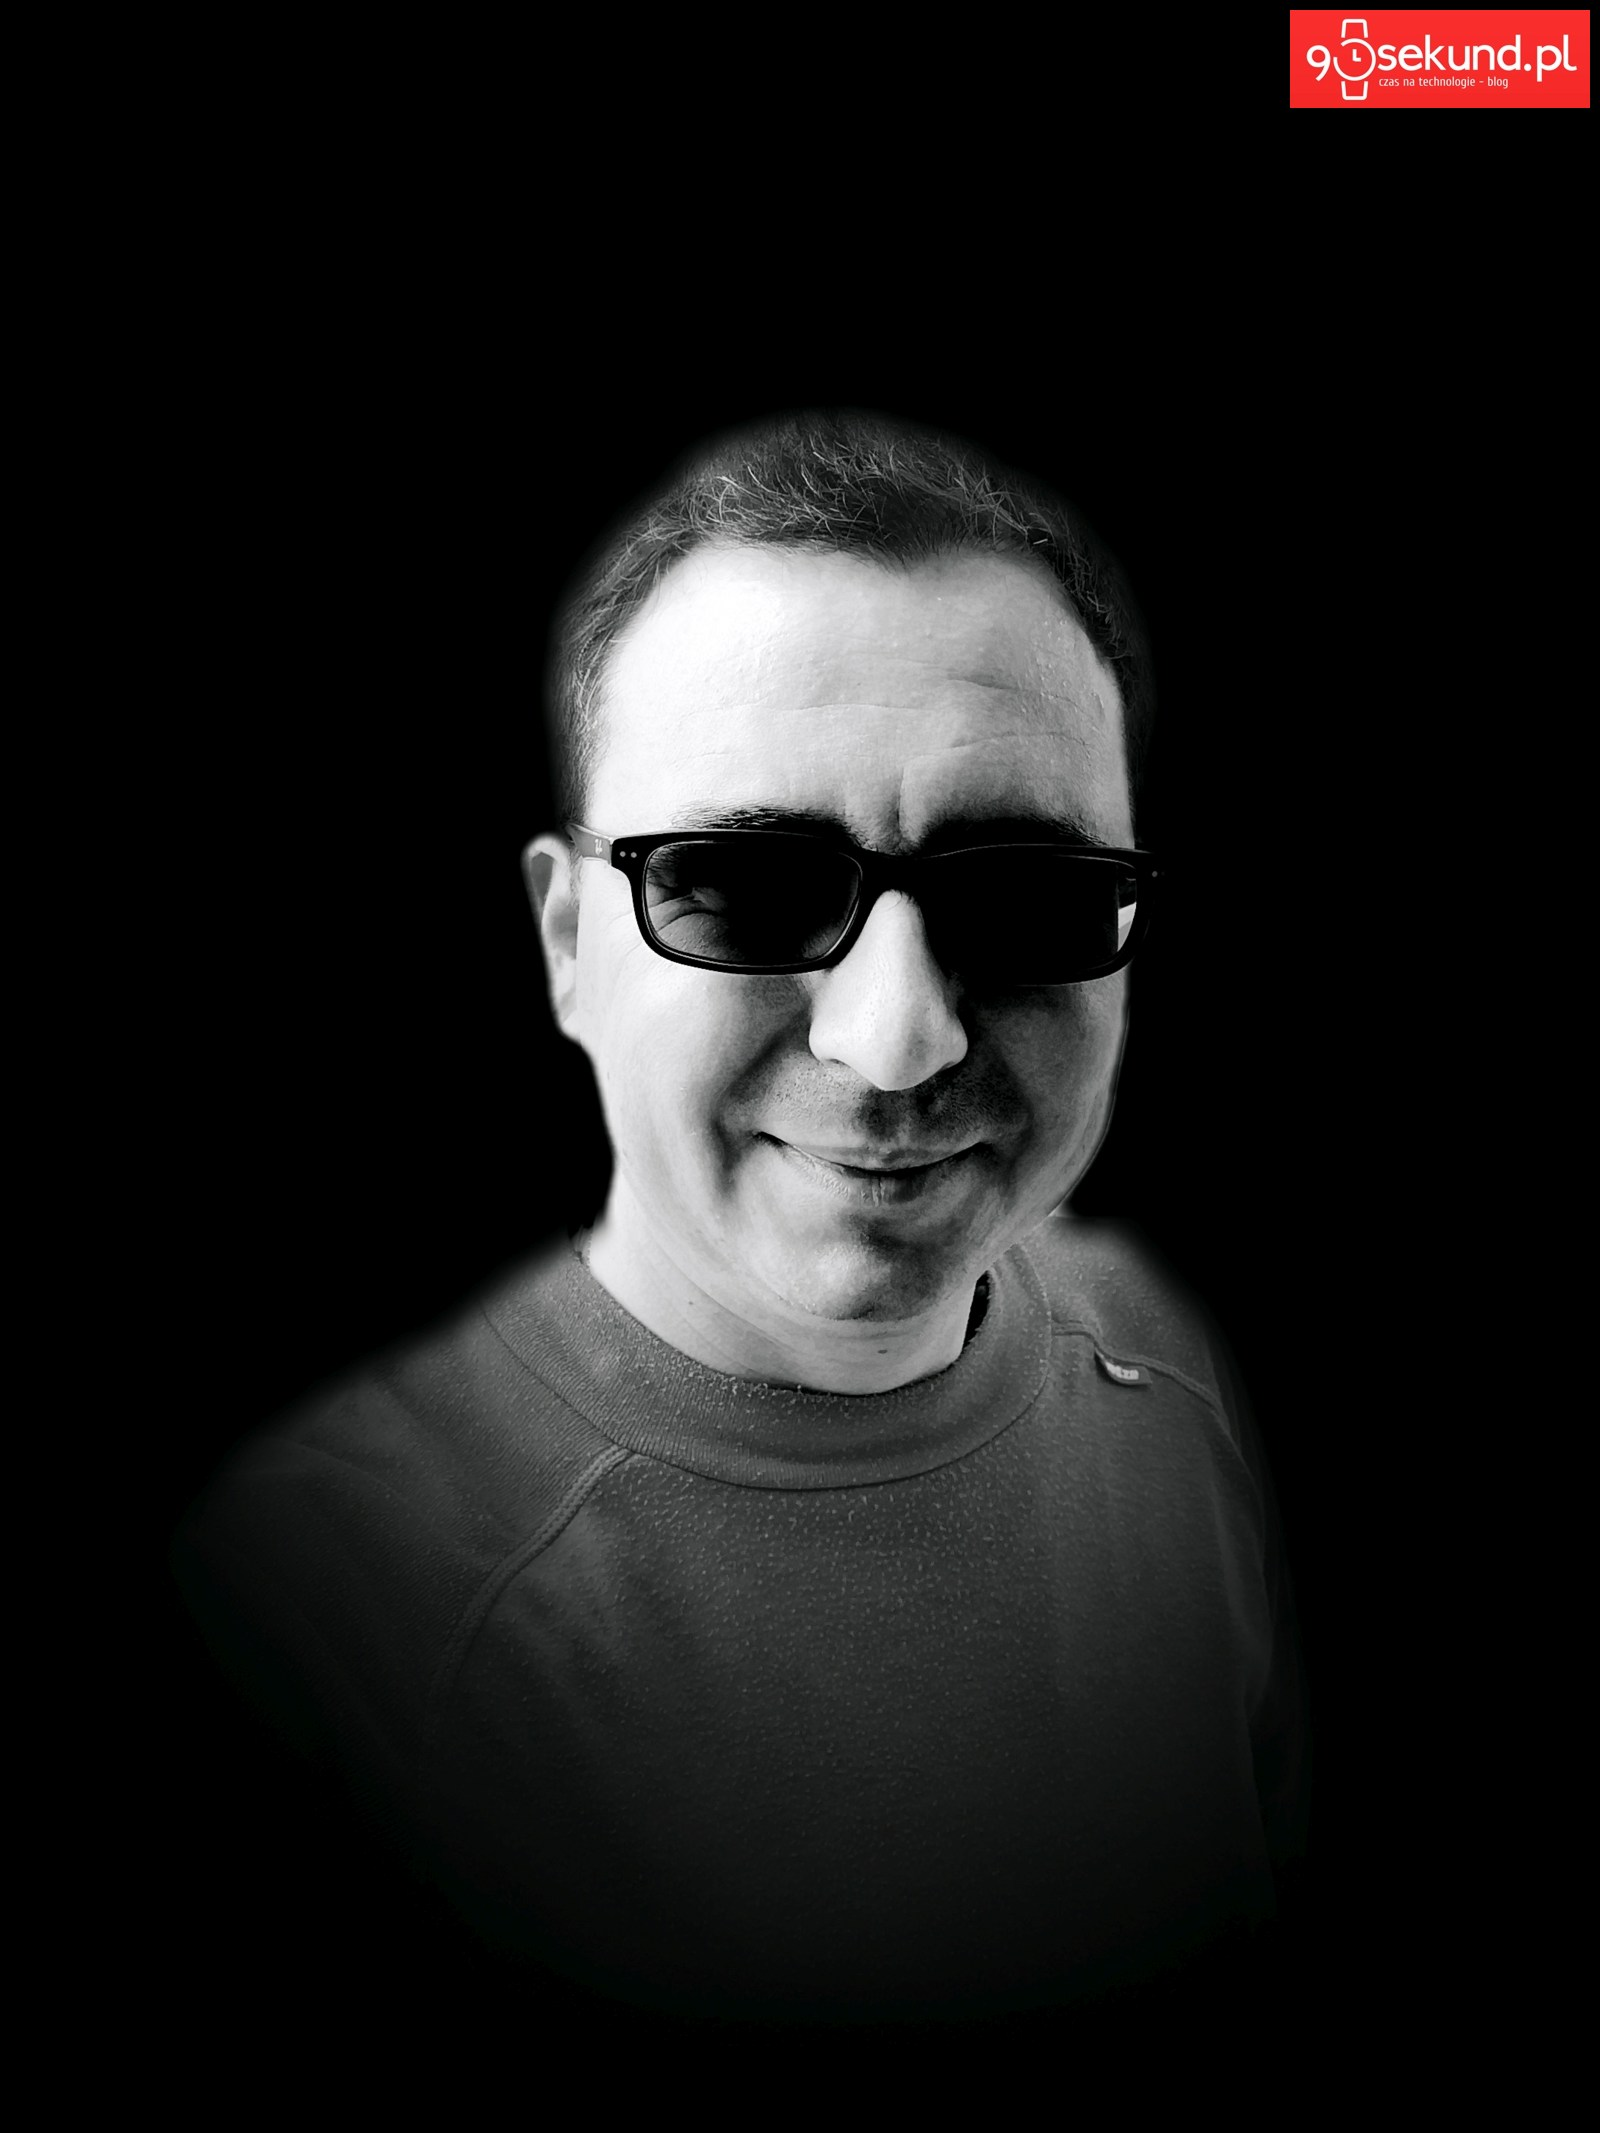 Zdjęcie Portrait Light wykonane Huawei P20 - 90sekund.pl - Michał Brożyński